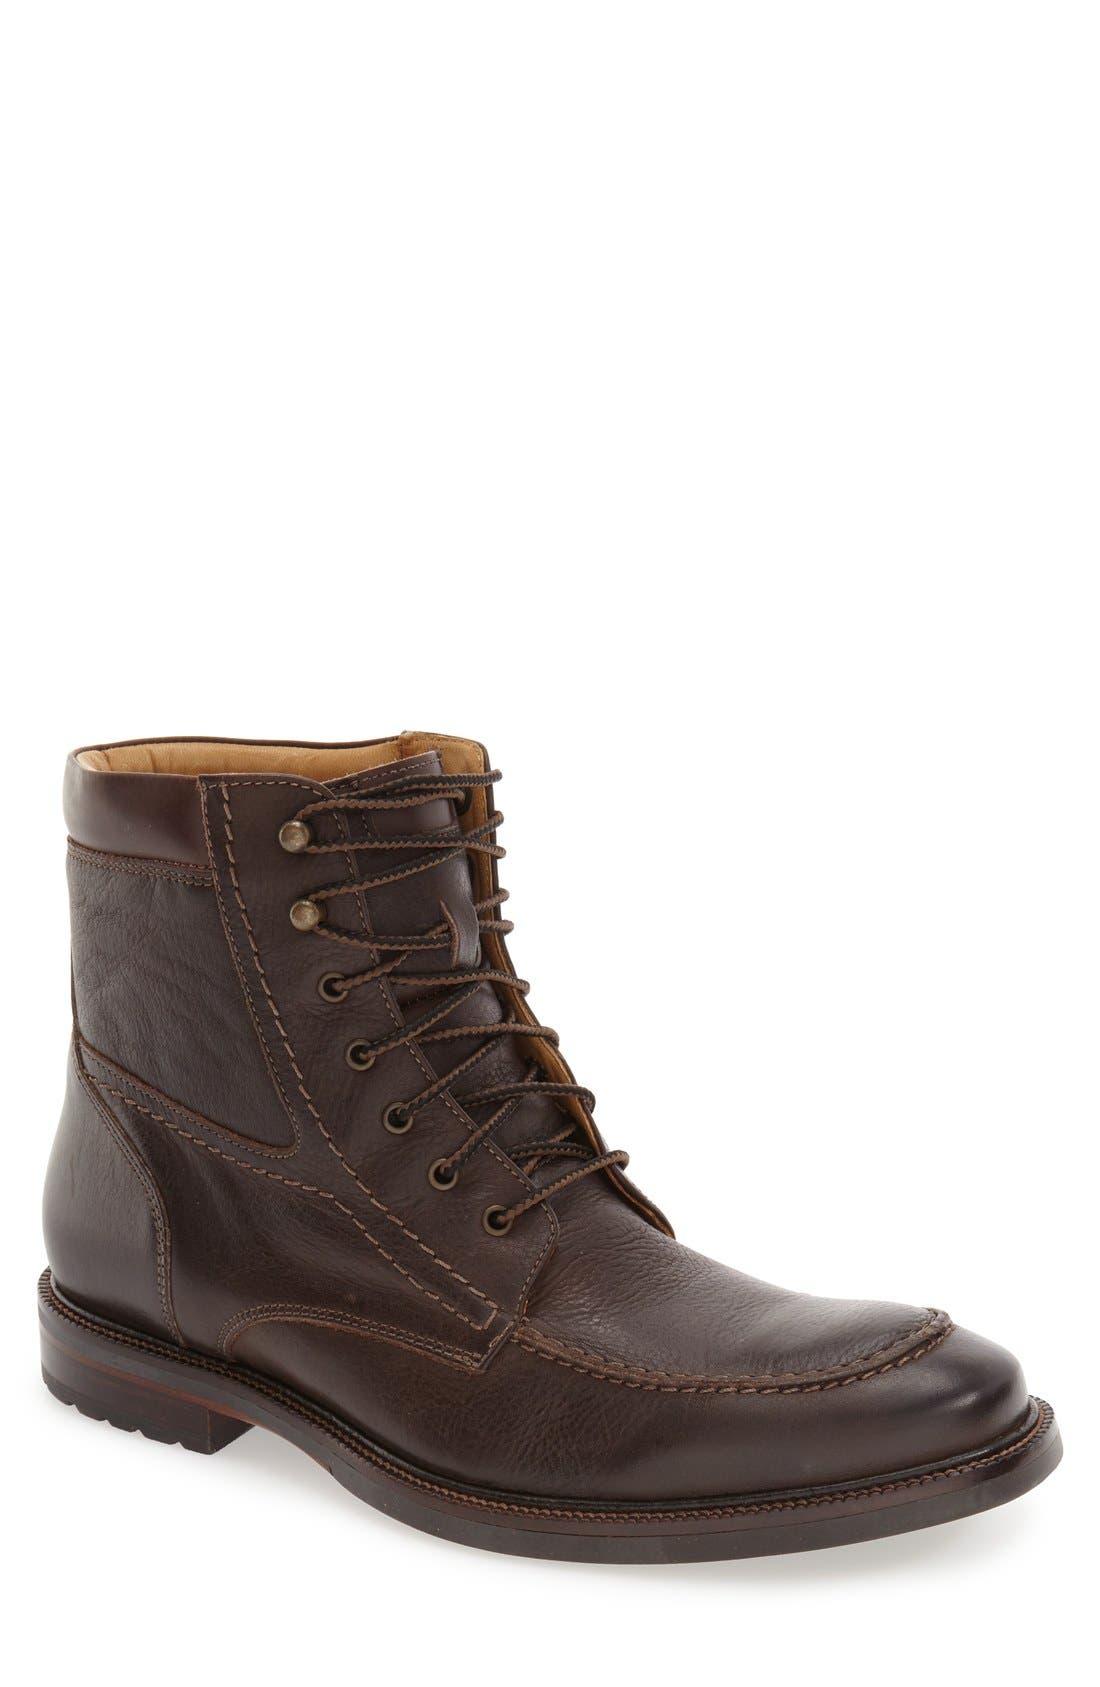 'Baird' Moc Toe Boot,                             Main thumbnail 1, color,                             201